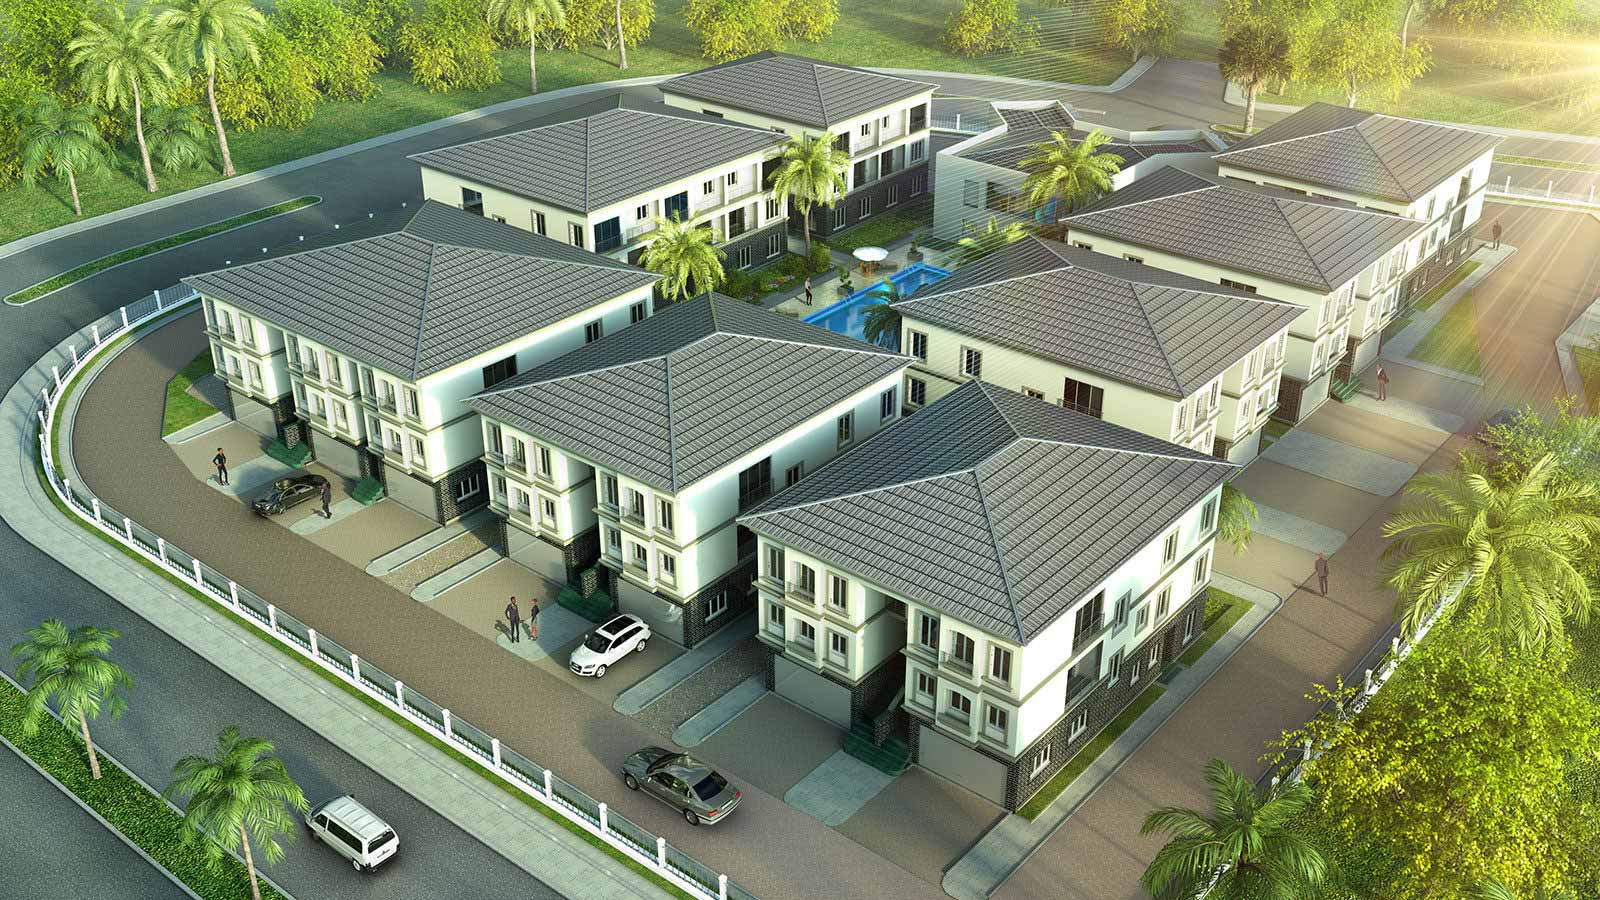 Wohnanlage in Lagos - Architekturvisualisierung  Aussen